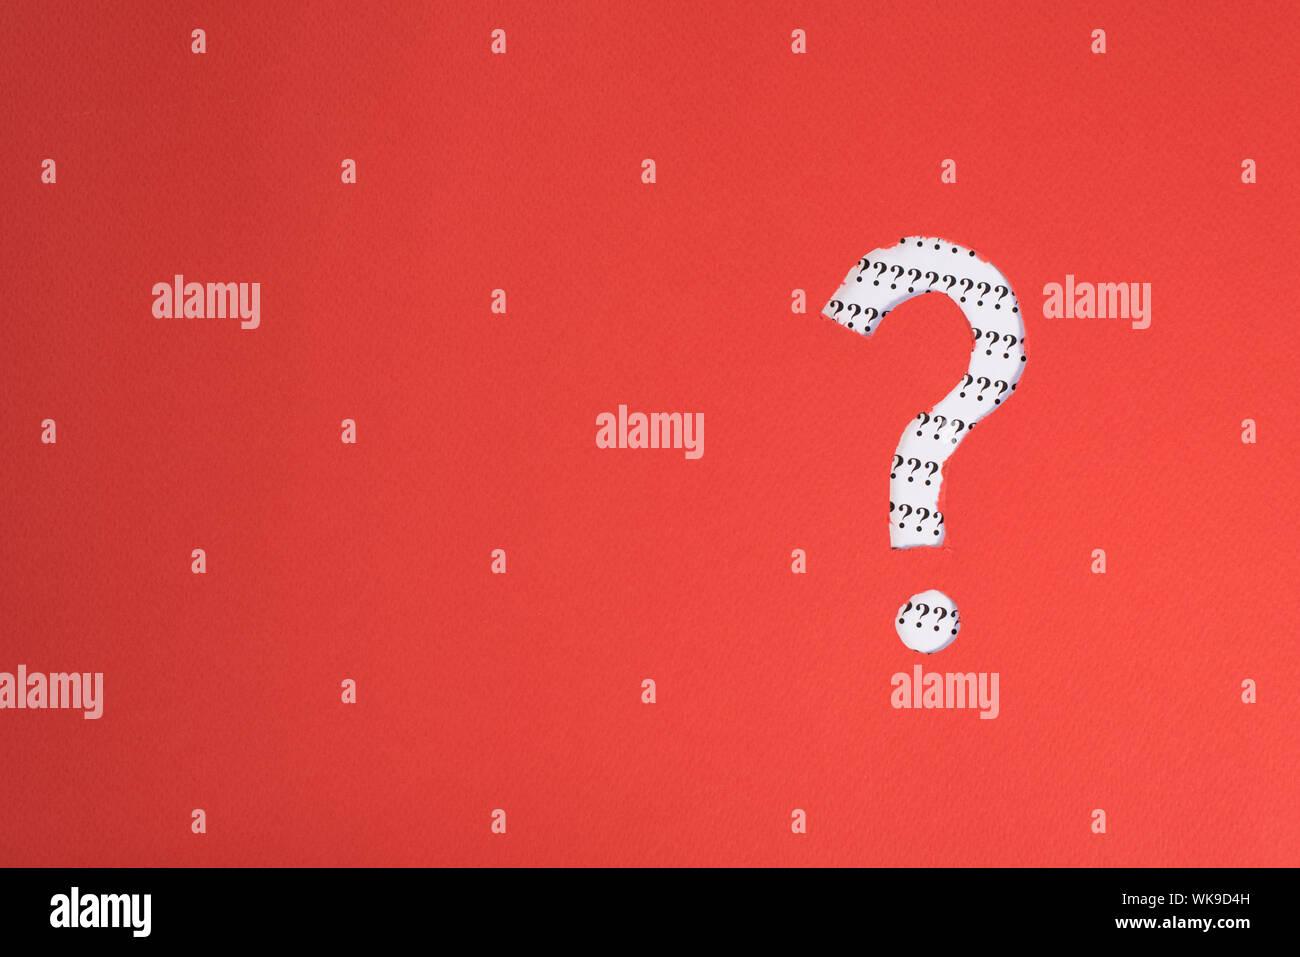 Papel rojo teared a símbolo de interrogación revelando más interrogación sobre papel blanco. Concepto de FAQ, Q&A, buscar riddle e información Foto de stock